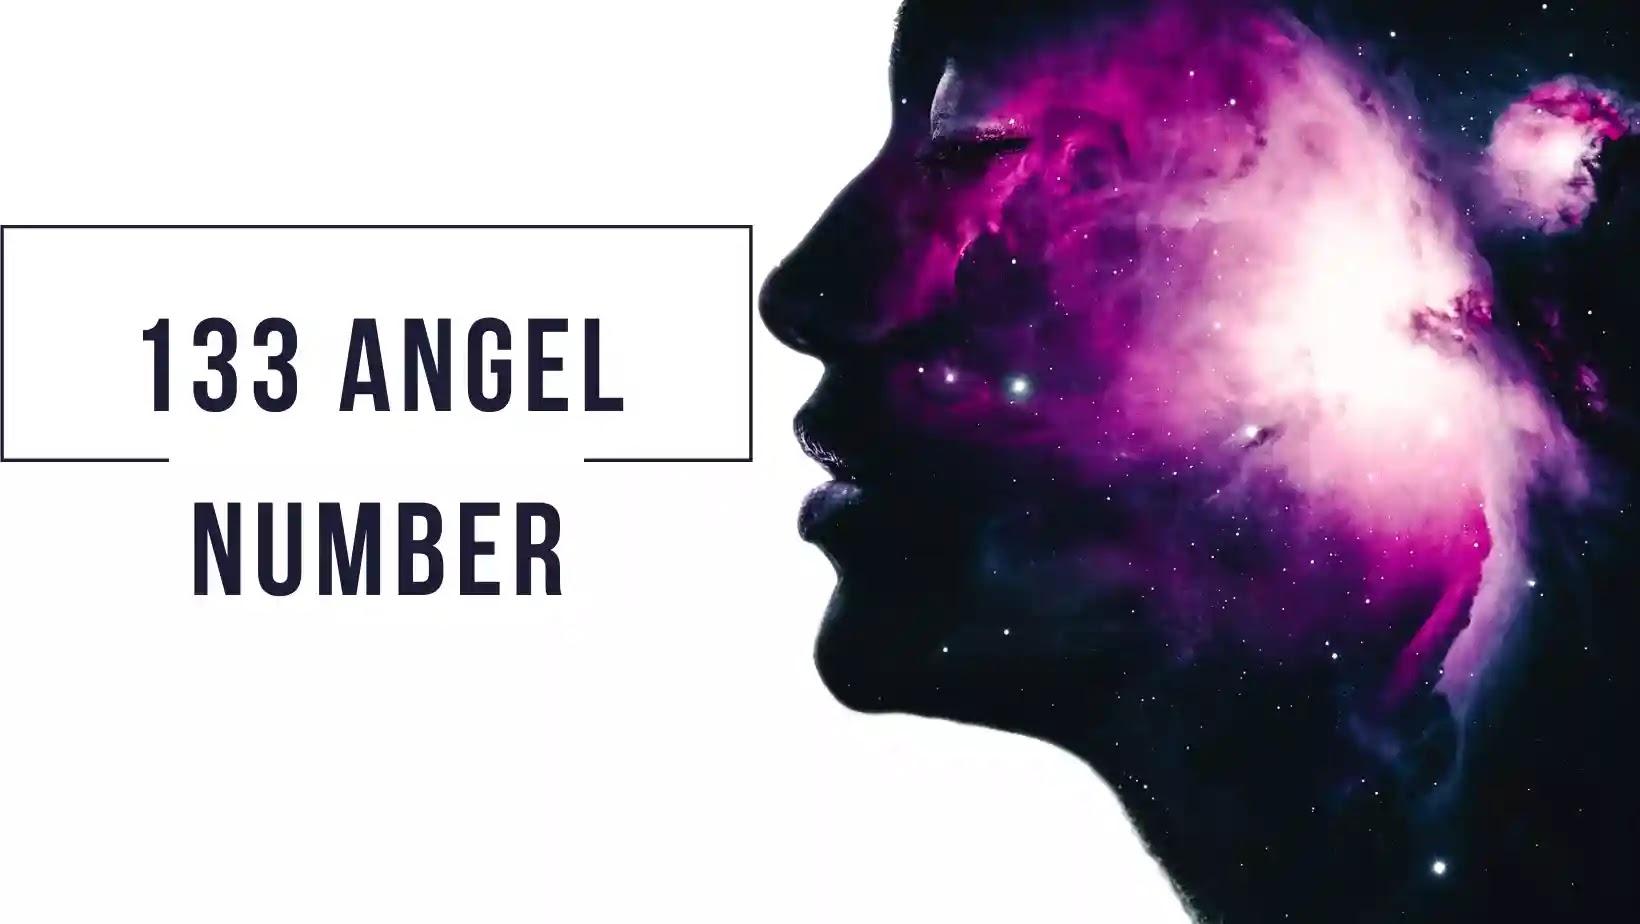 133 angel number